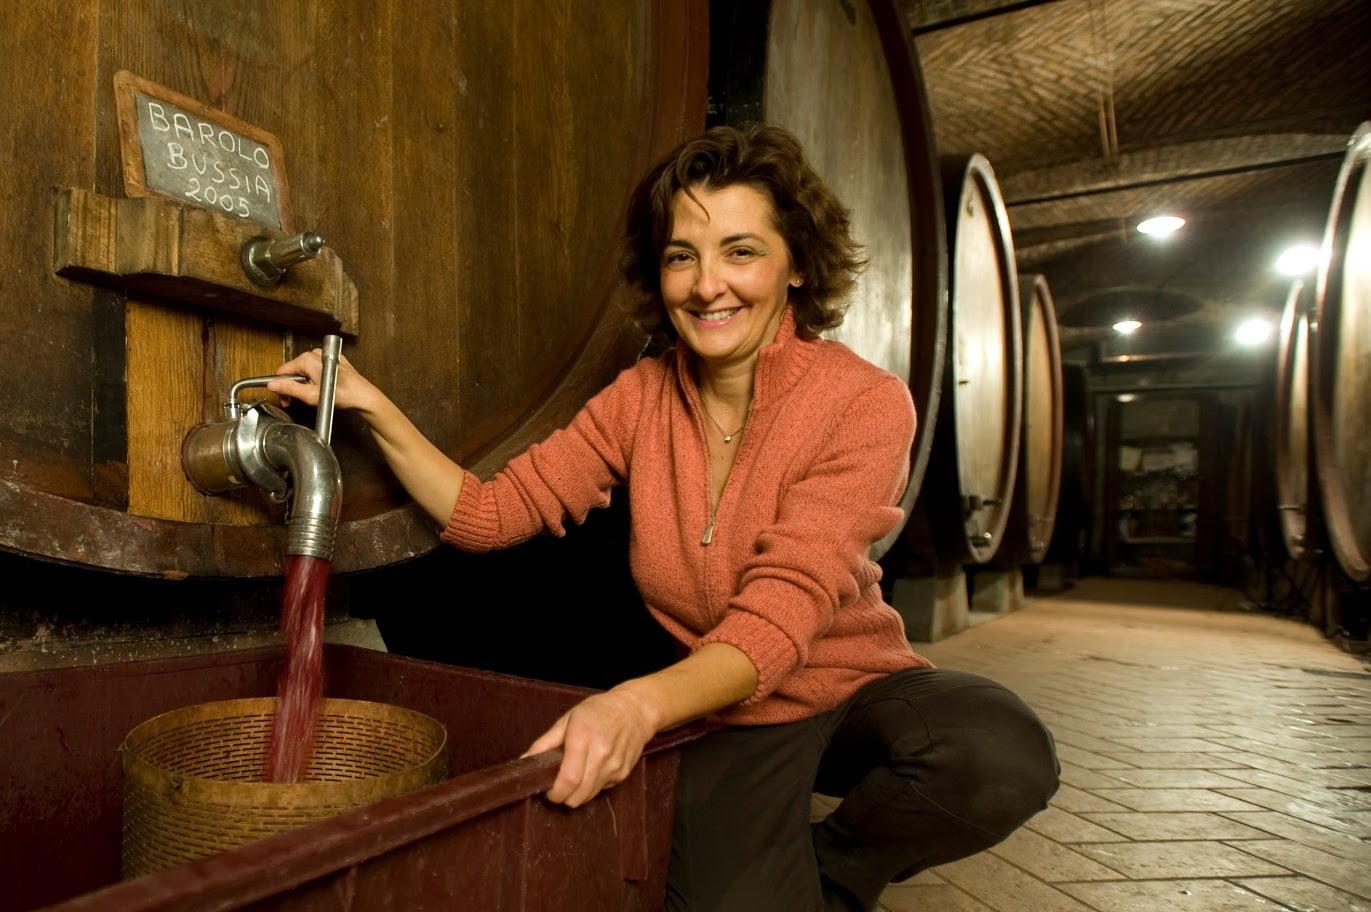 Oddero working in Barolo wine cellar